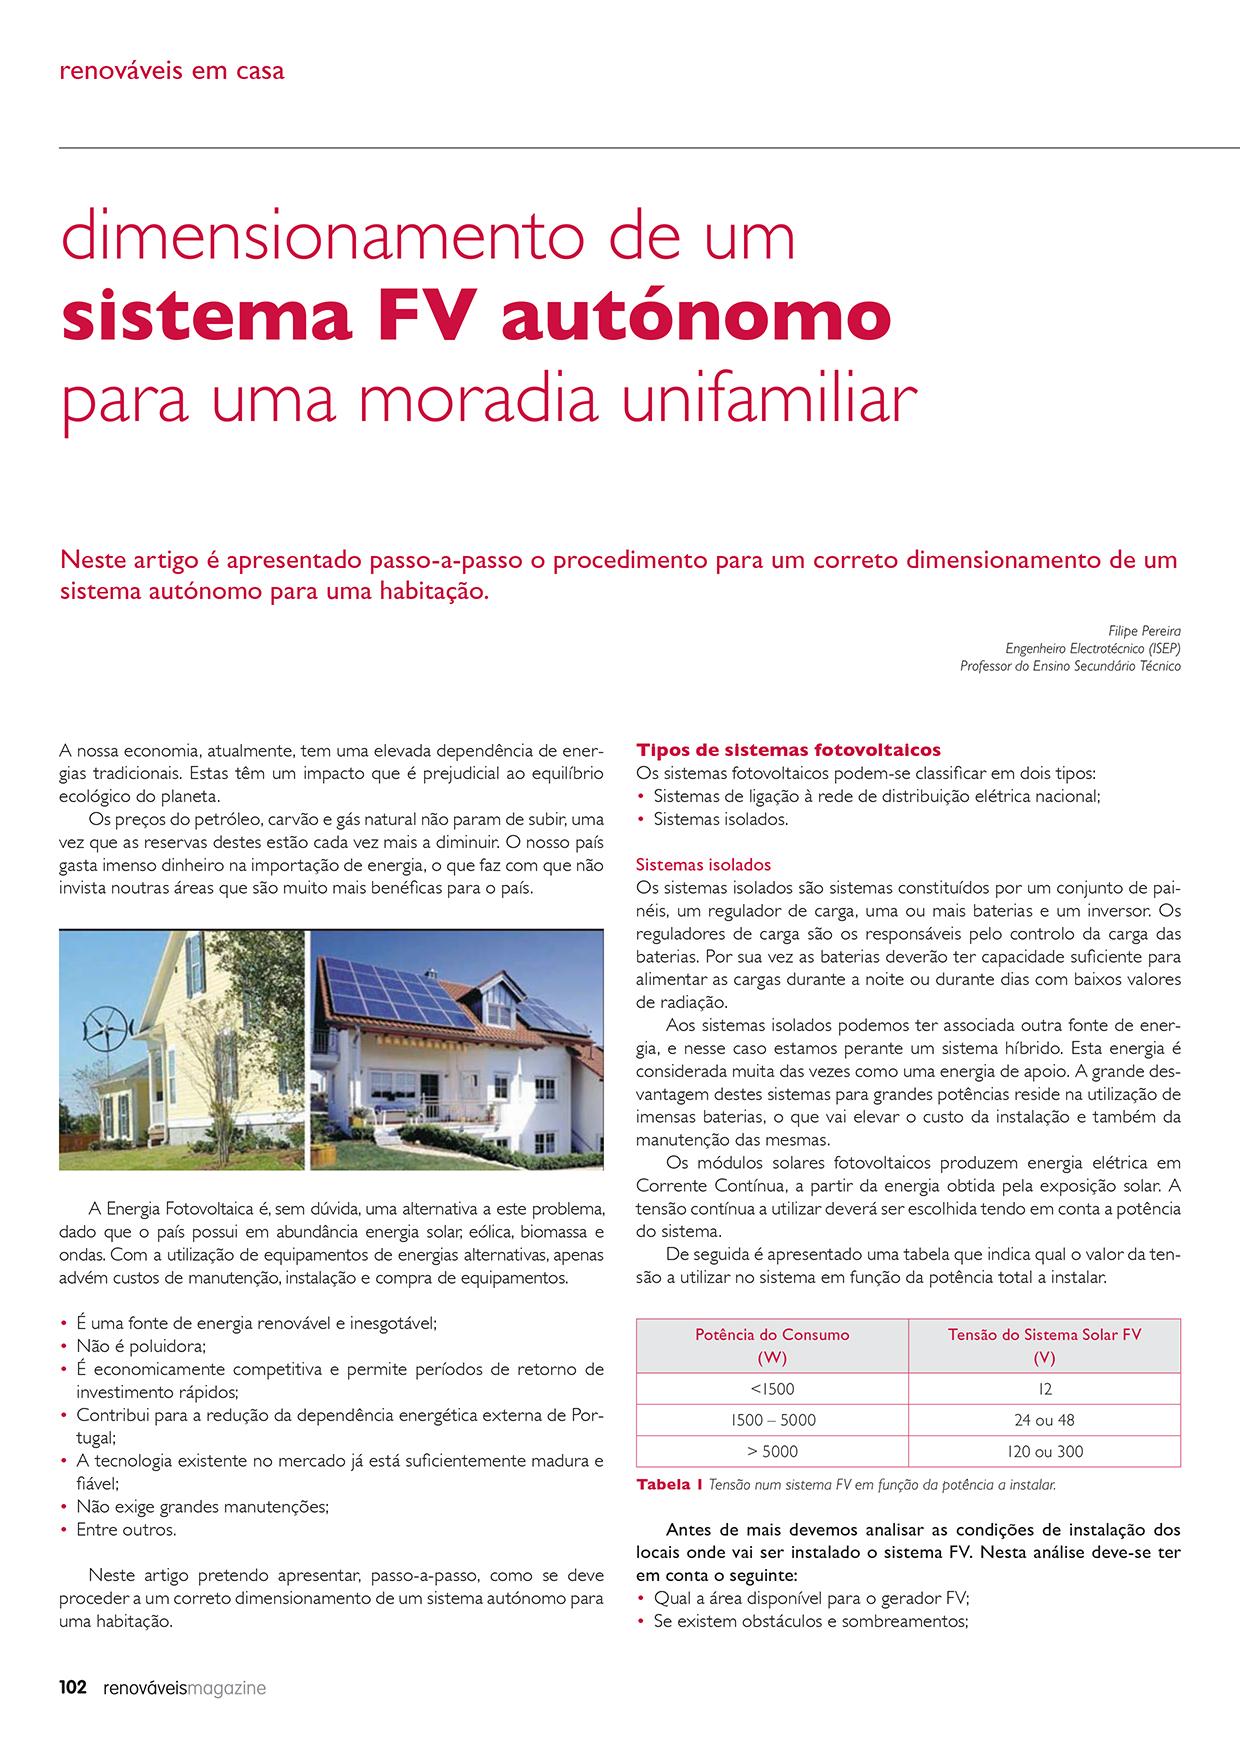 Artigo sobre Dimensionamento de um sistema FV autónomo para uma moradia unifamiliar